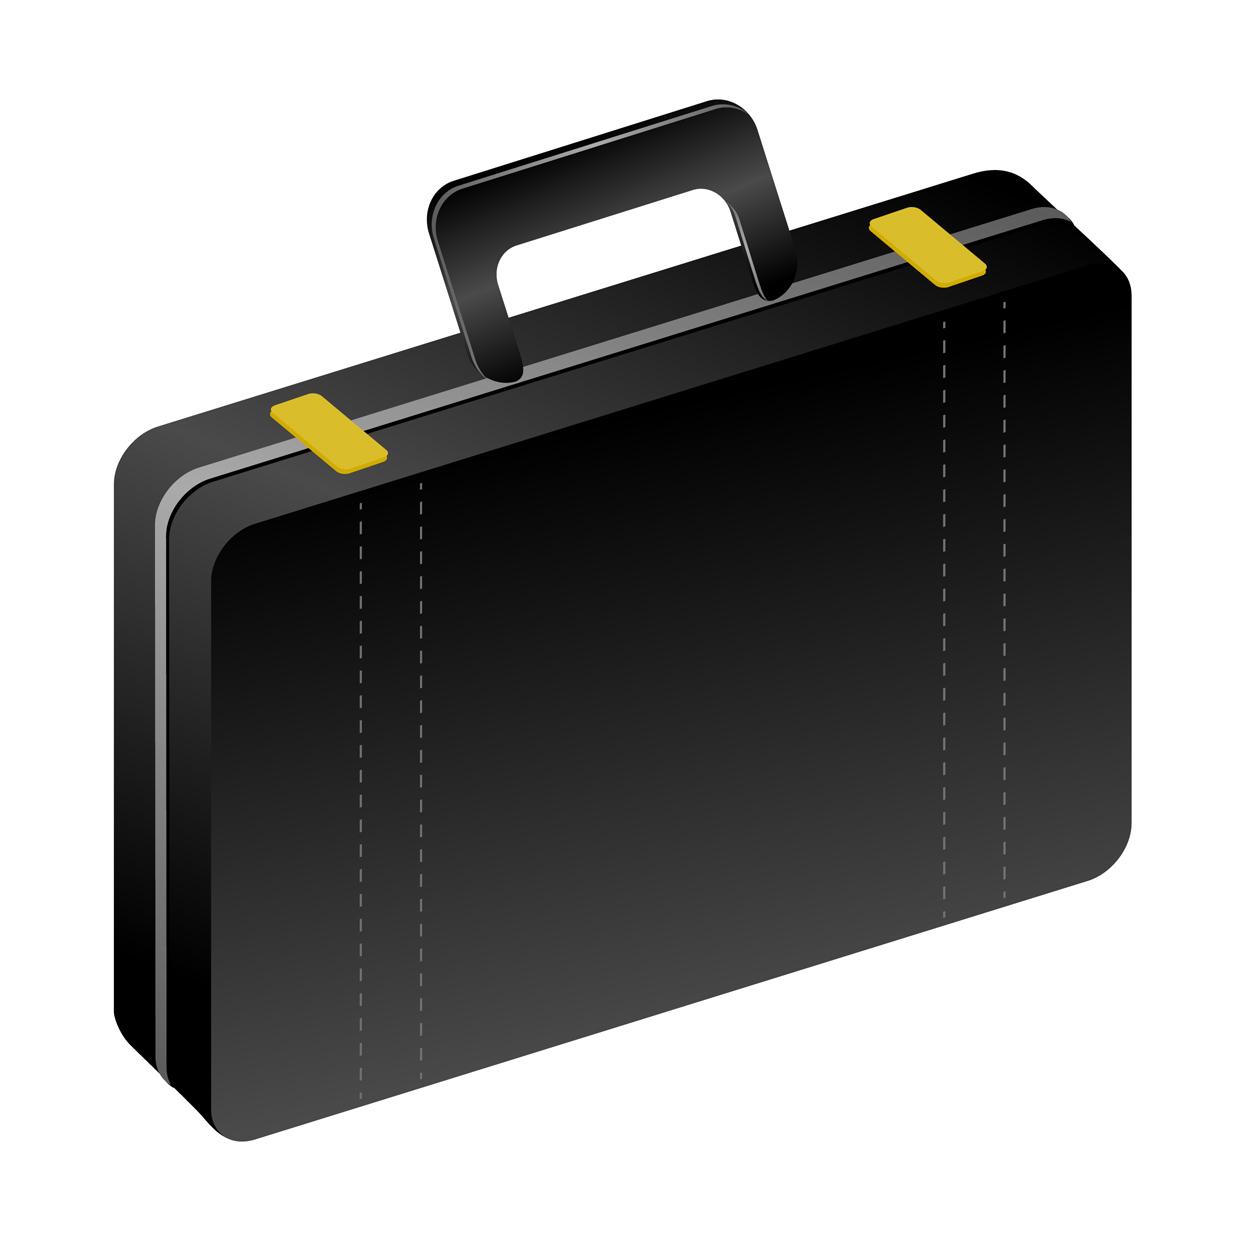 1250x1250 Open Suitcase Clipart